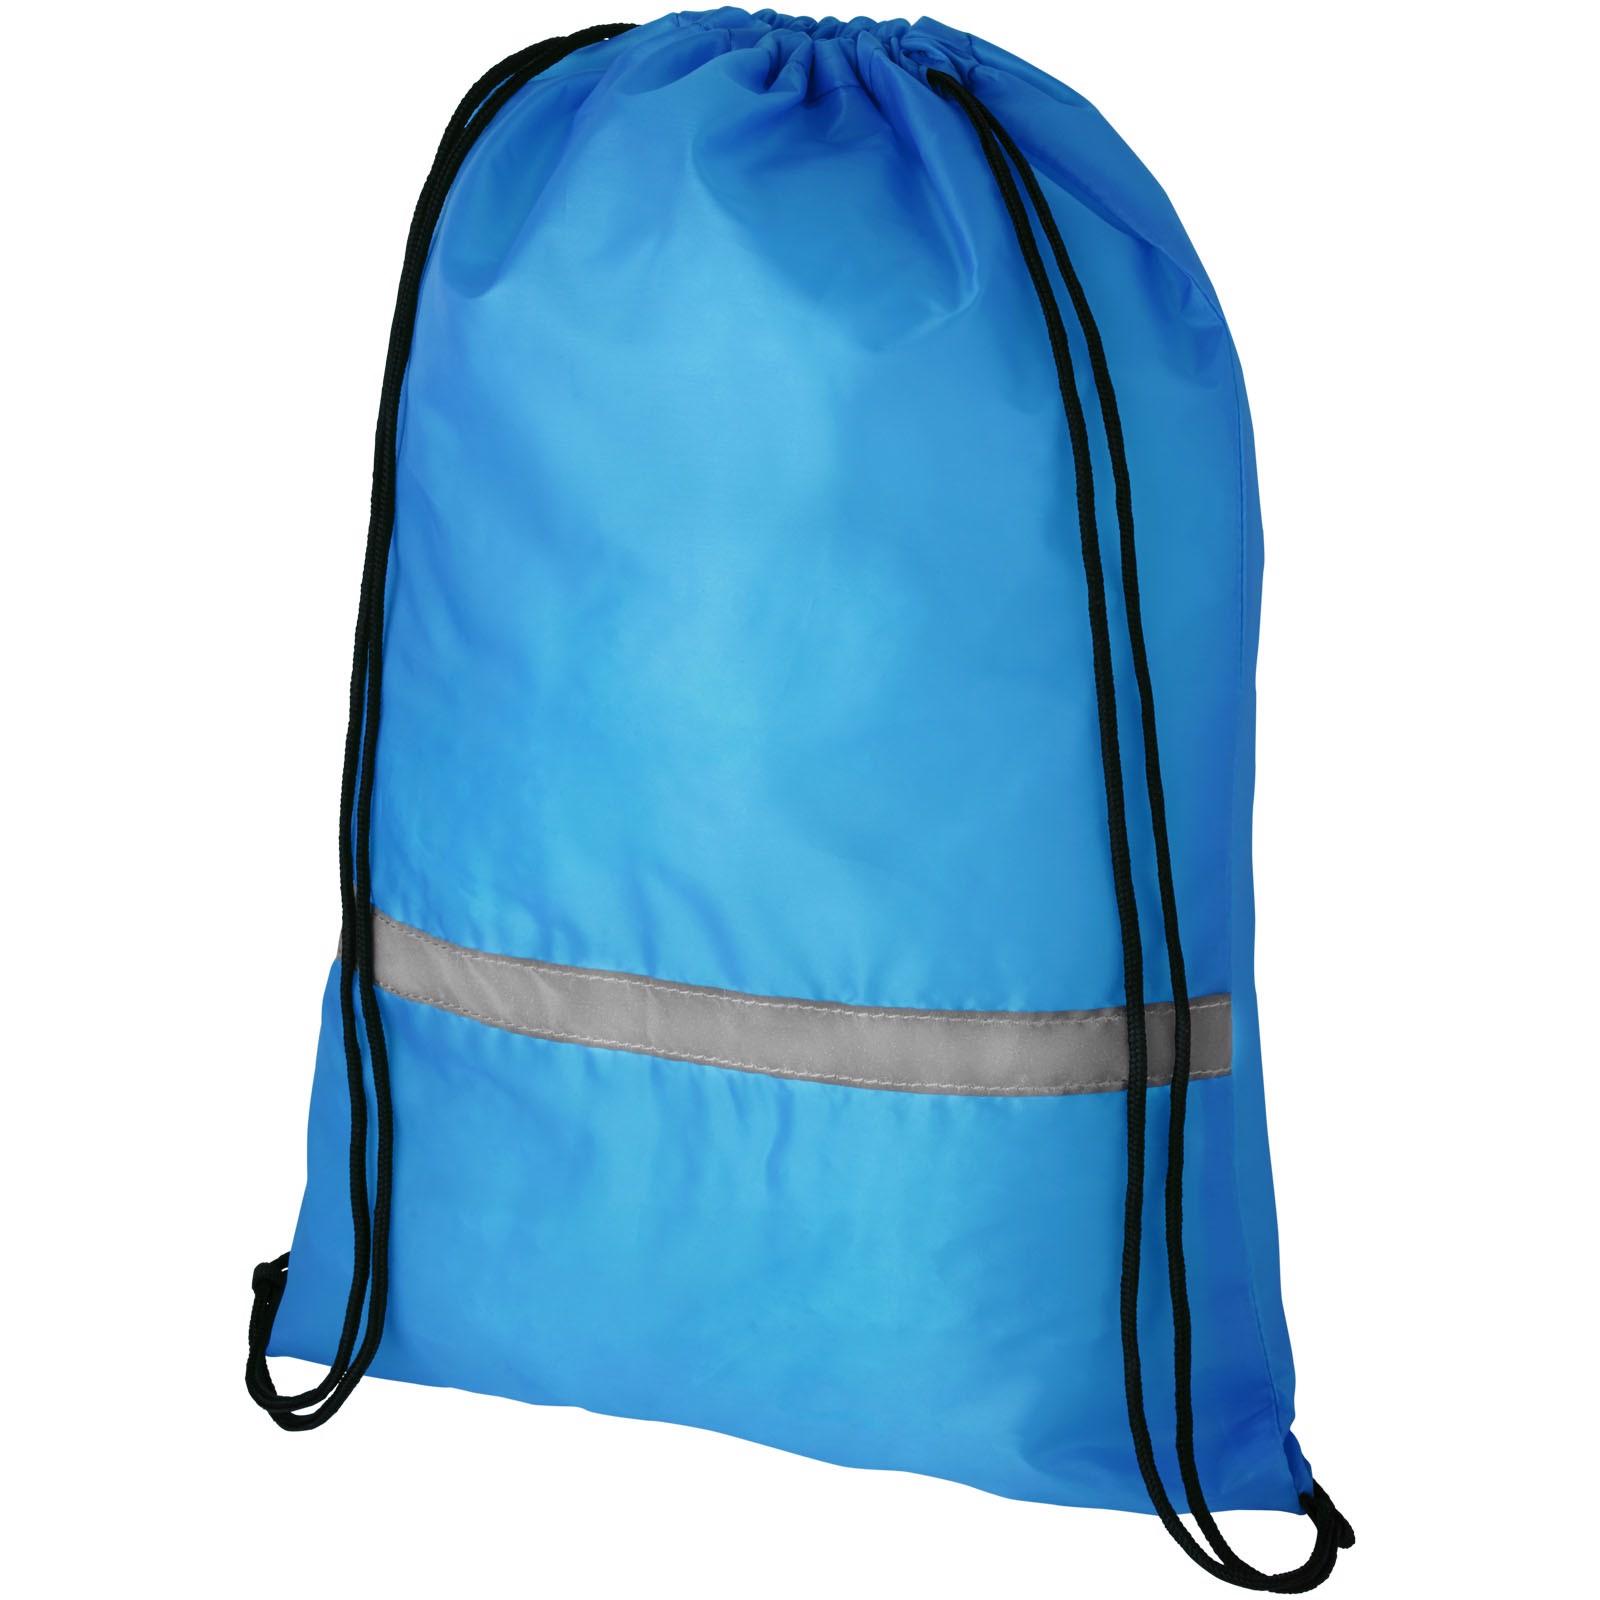 Oriole bezpečnostní šňůrkový batoh - Akvamarínová